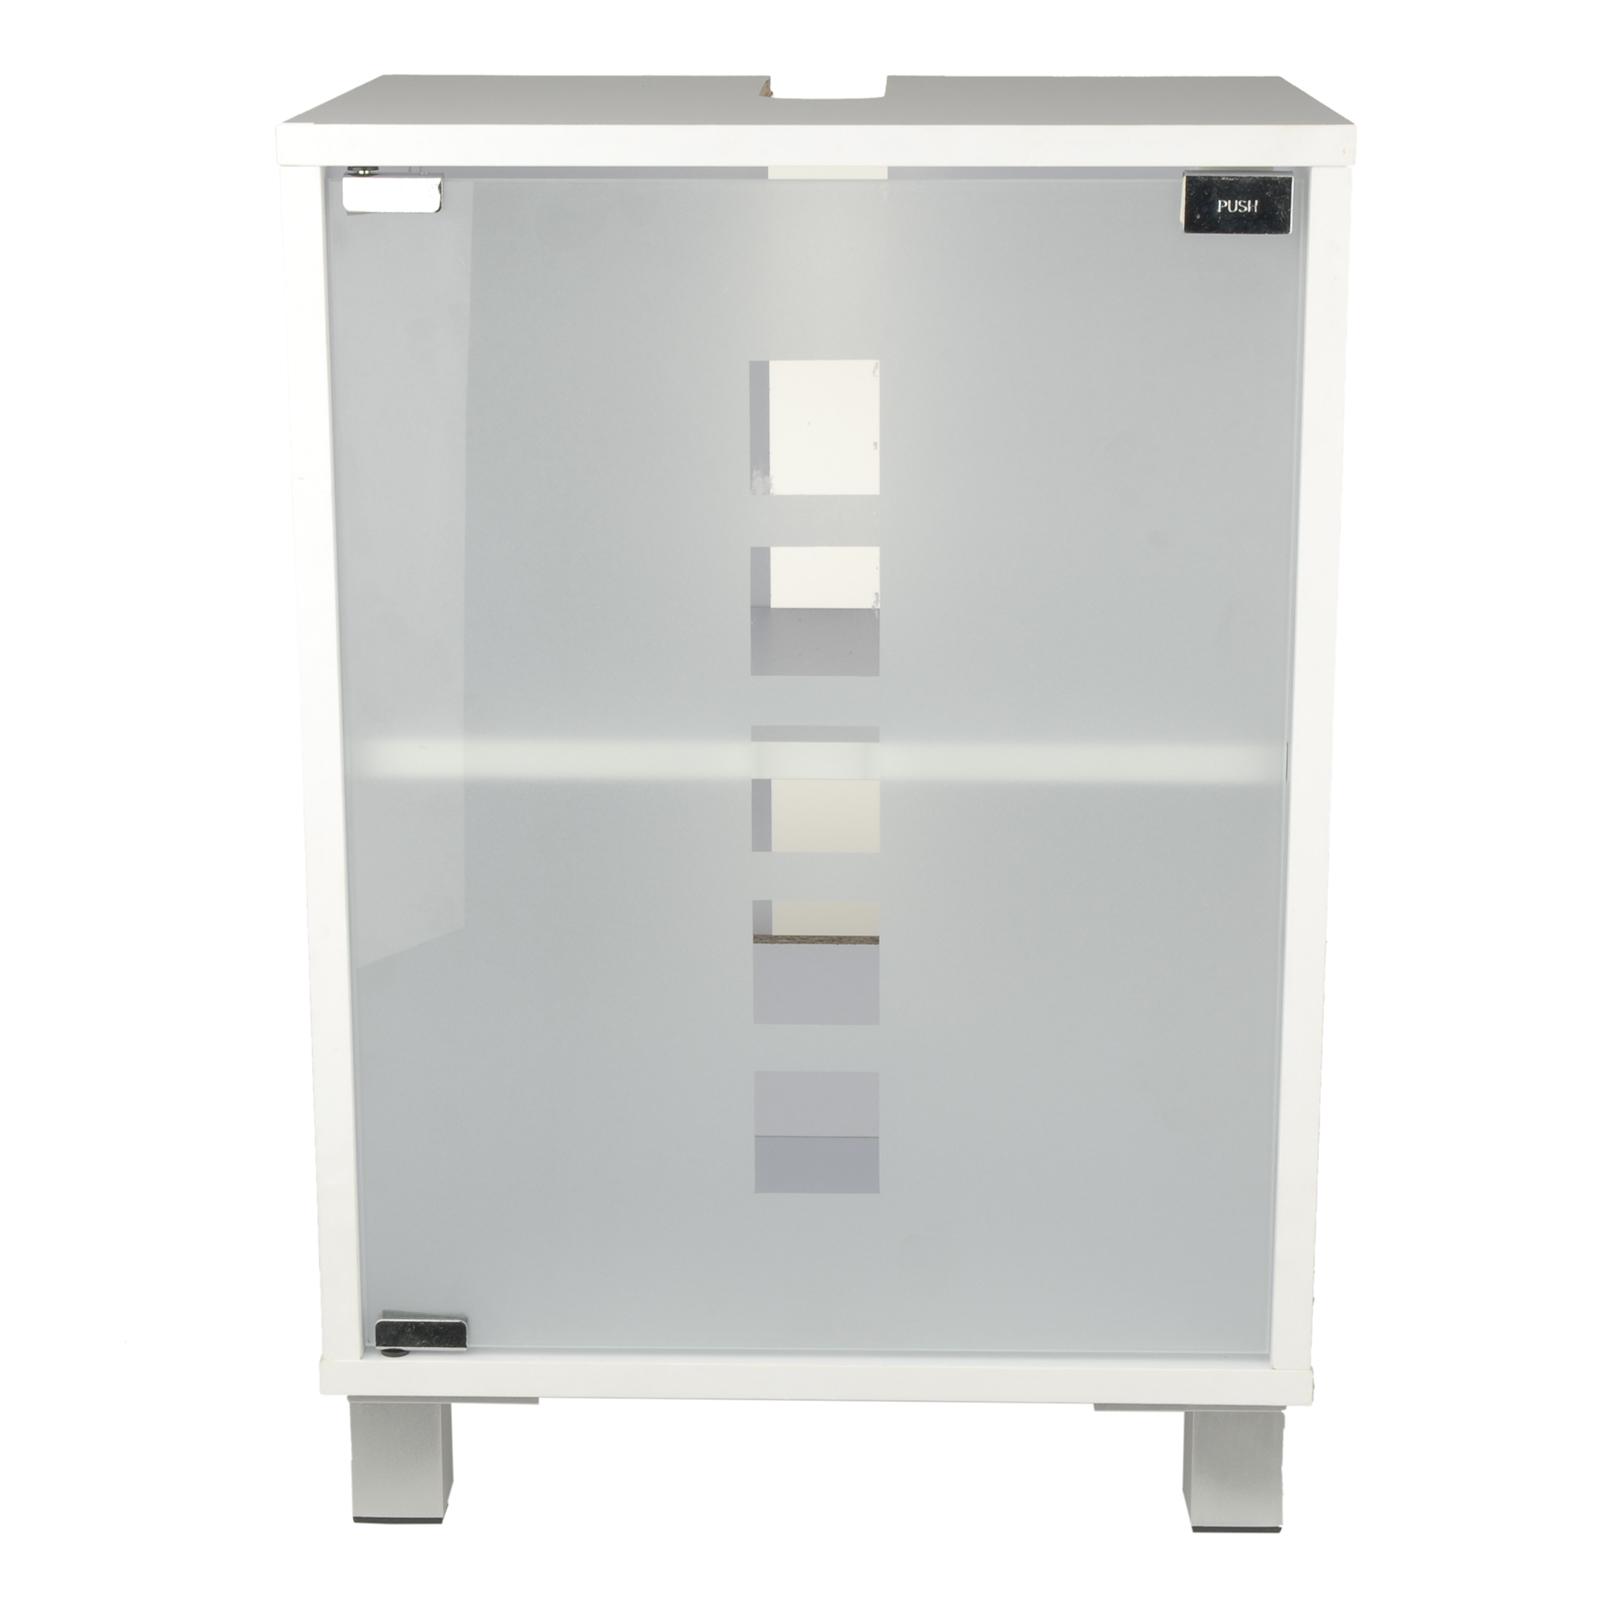 waschtischunterschrank waschbecken unterschrank badschrank mdf weiss landhaus ebay. Black Bedroom Furniture Sets. Home Design Ideas